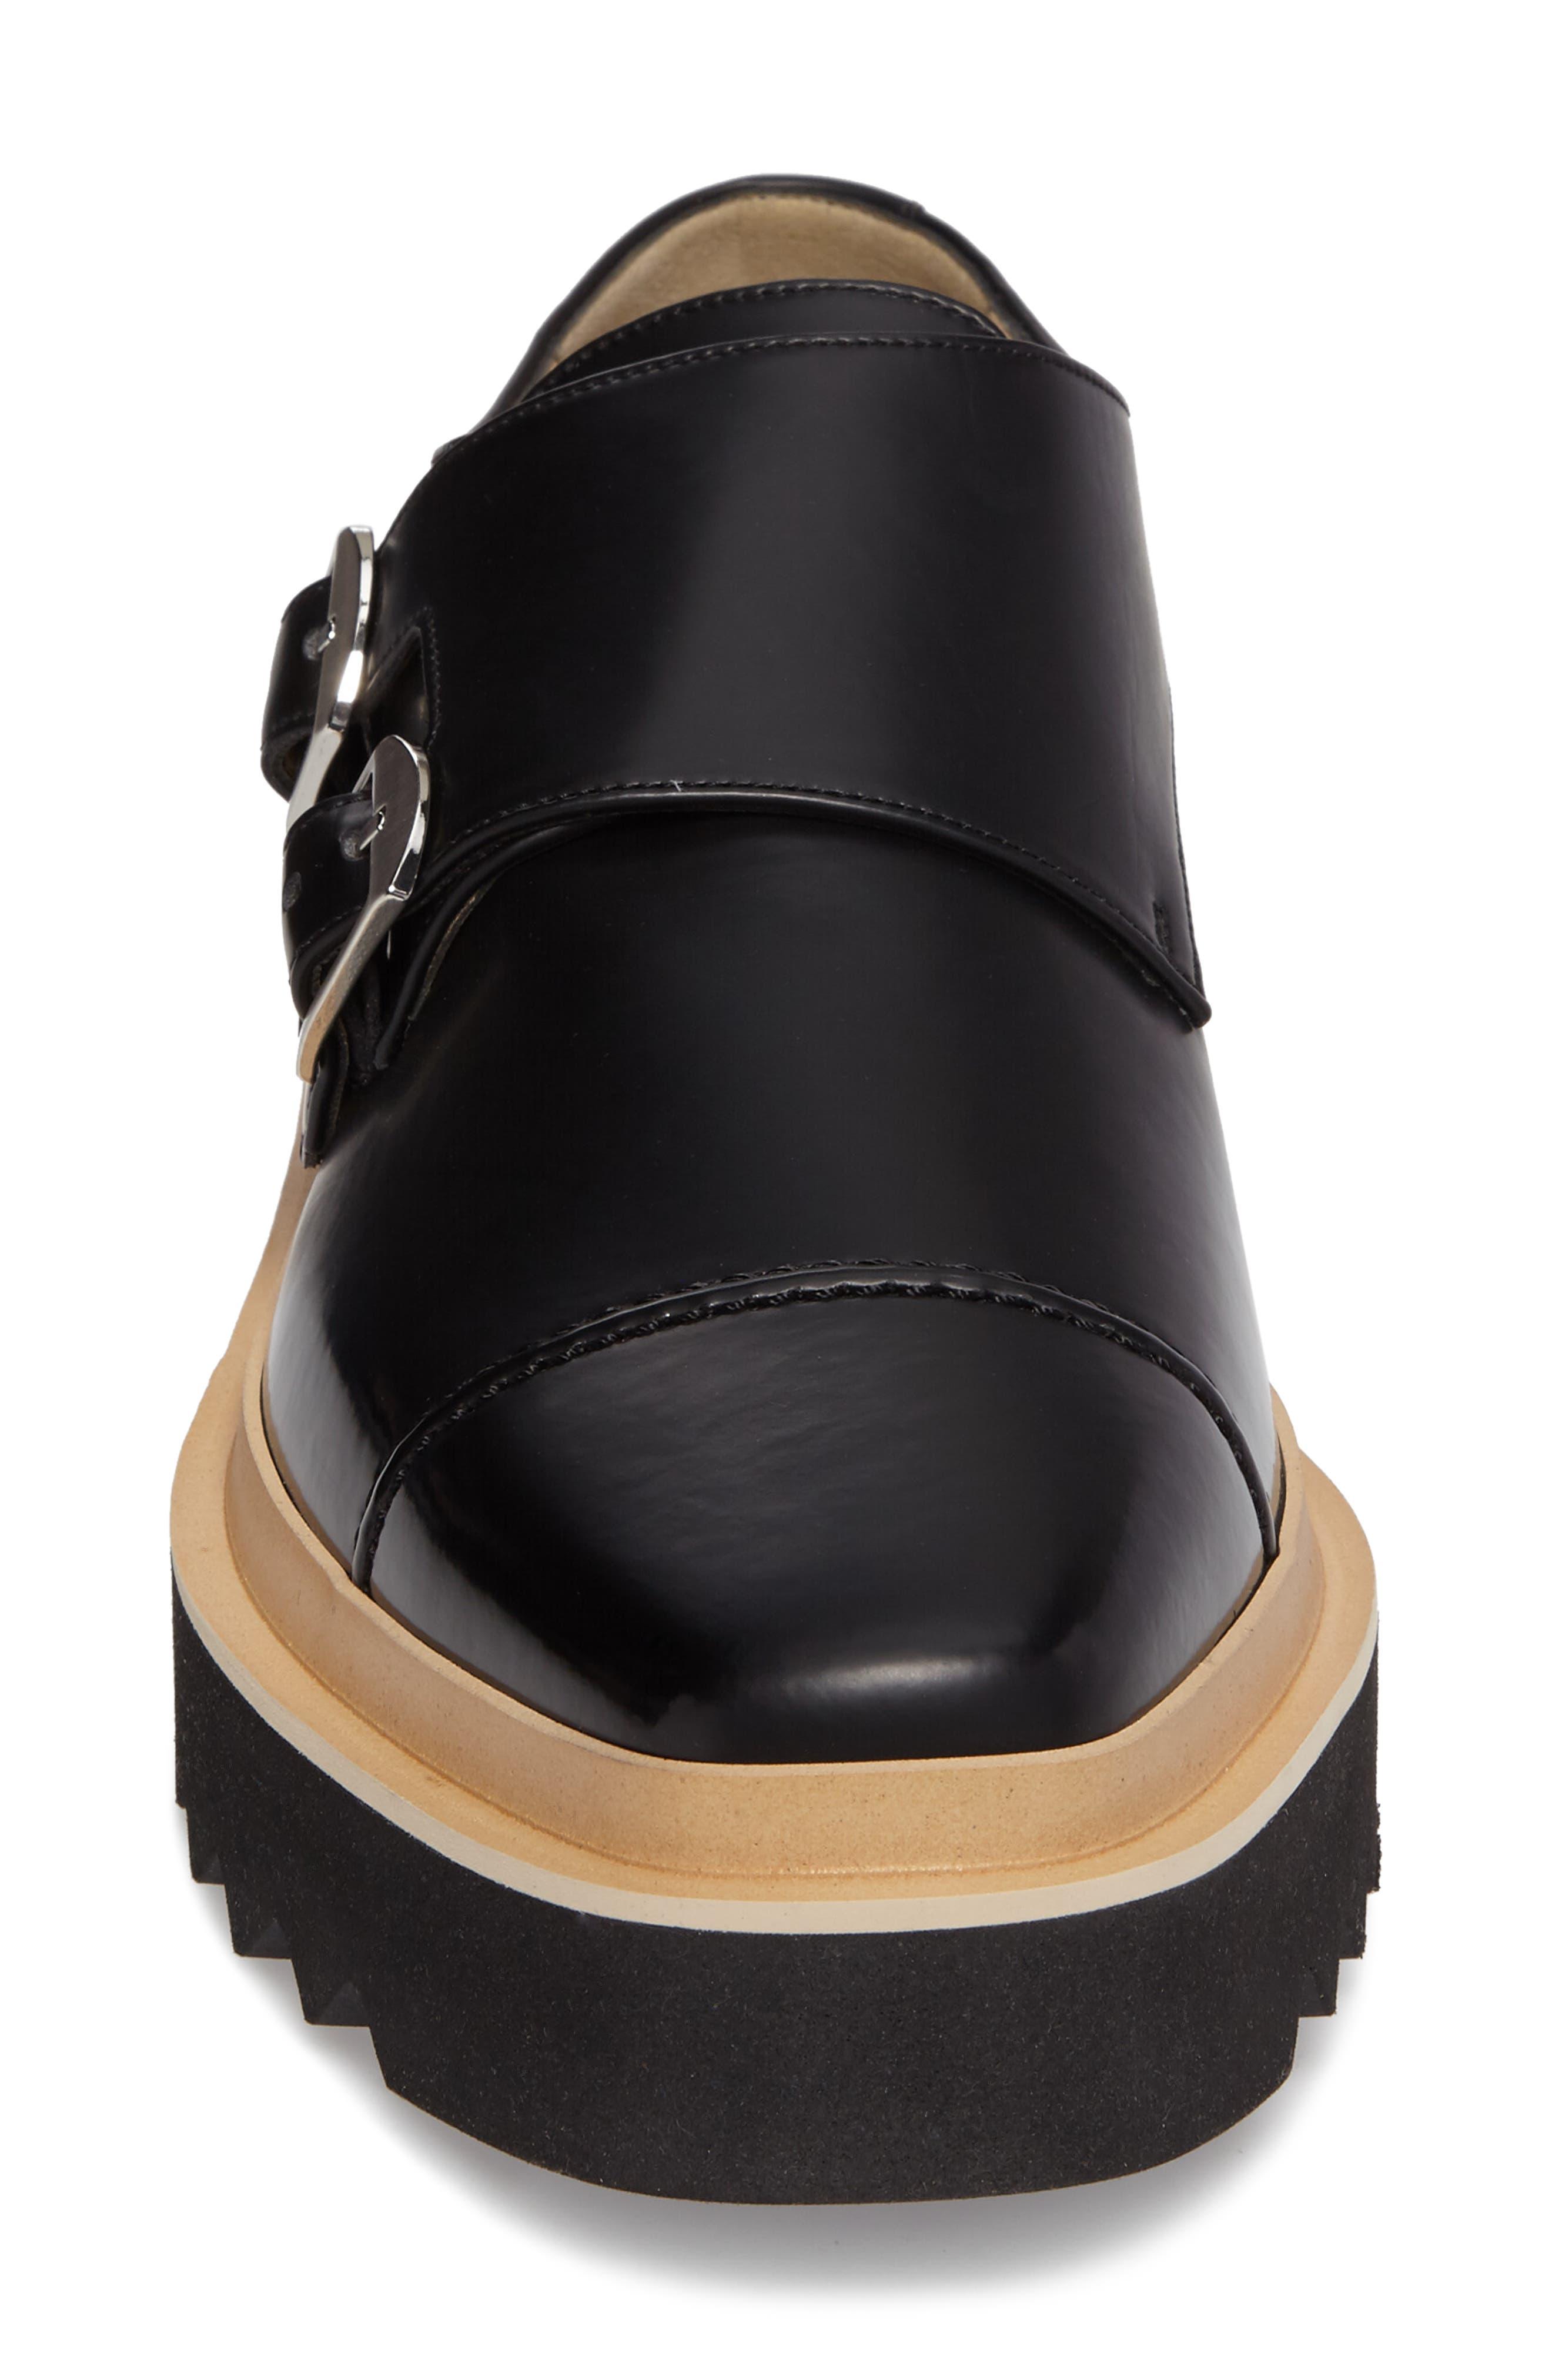 Peter Platform Monk Shoe,                             Alternate thumbnail 4, color,                             001